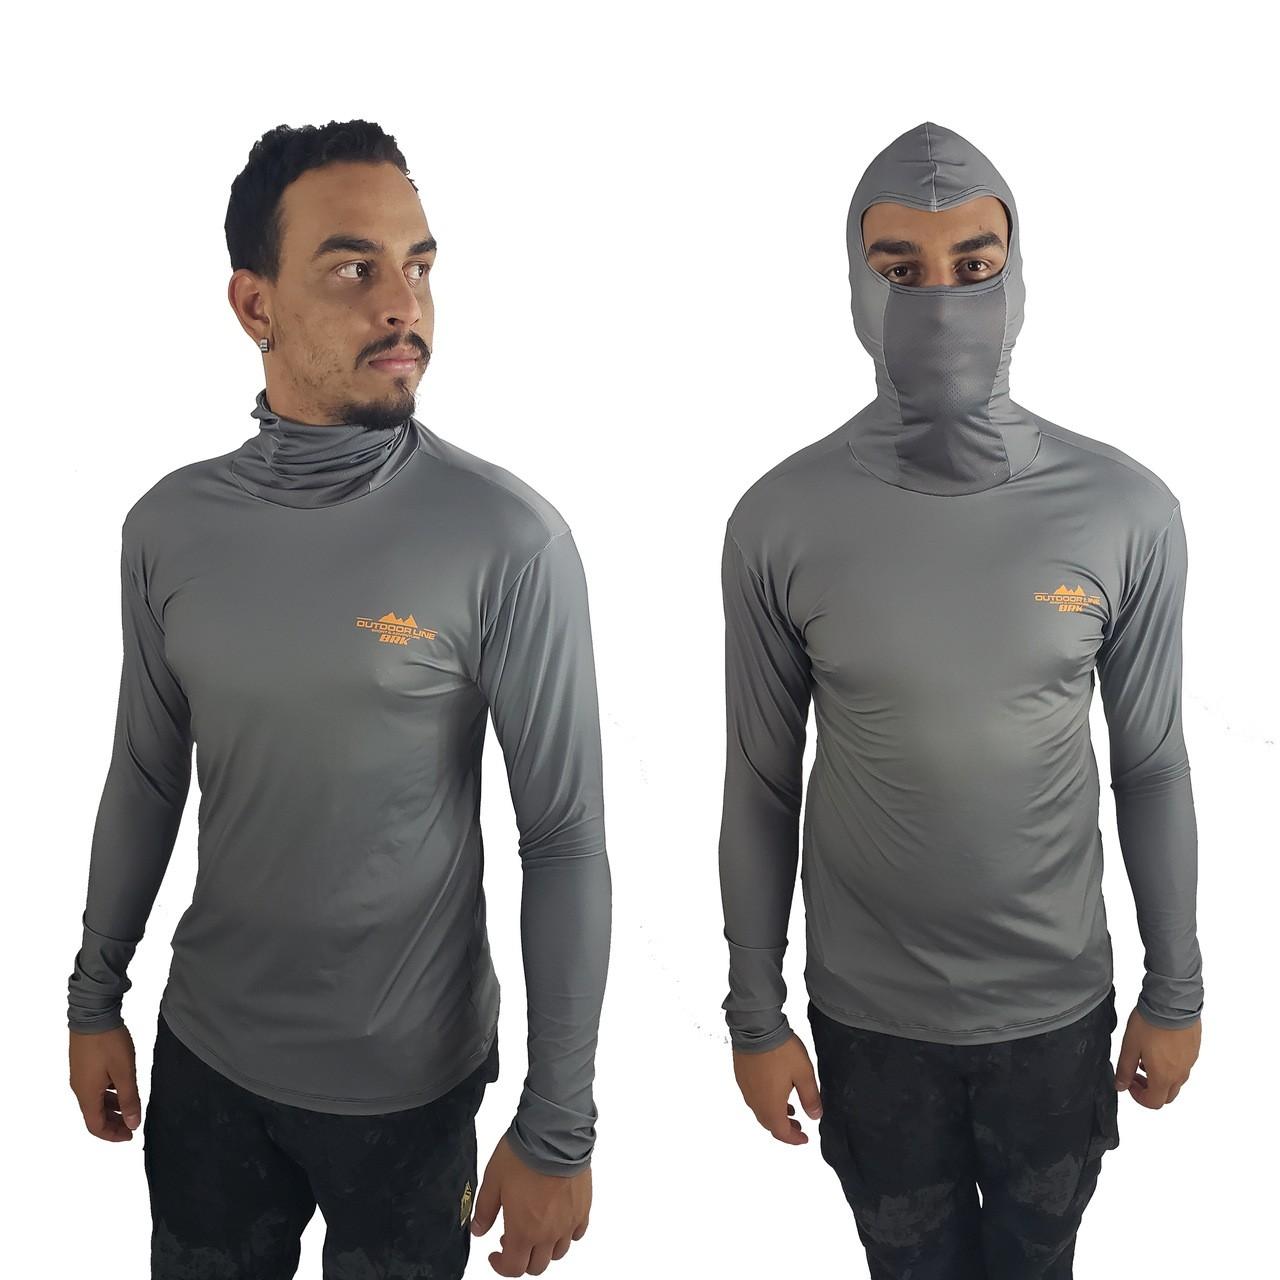 Camisa de Pesca com Capuz Ninja BRK Cinza Escuro com fpu50+